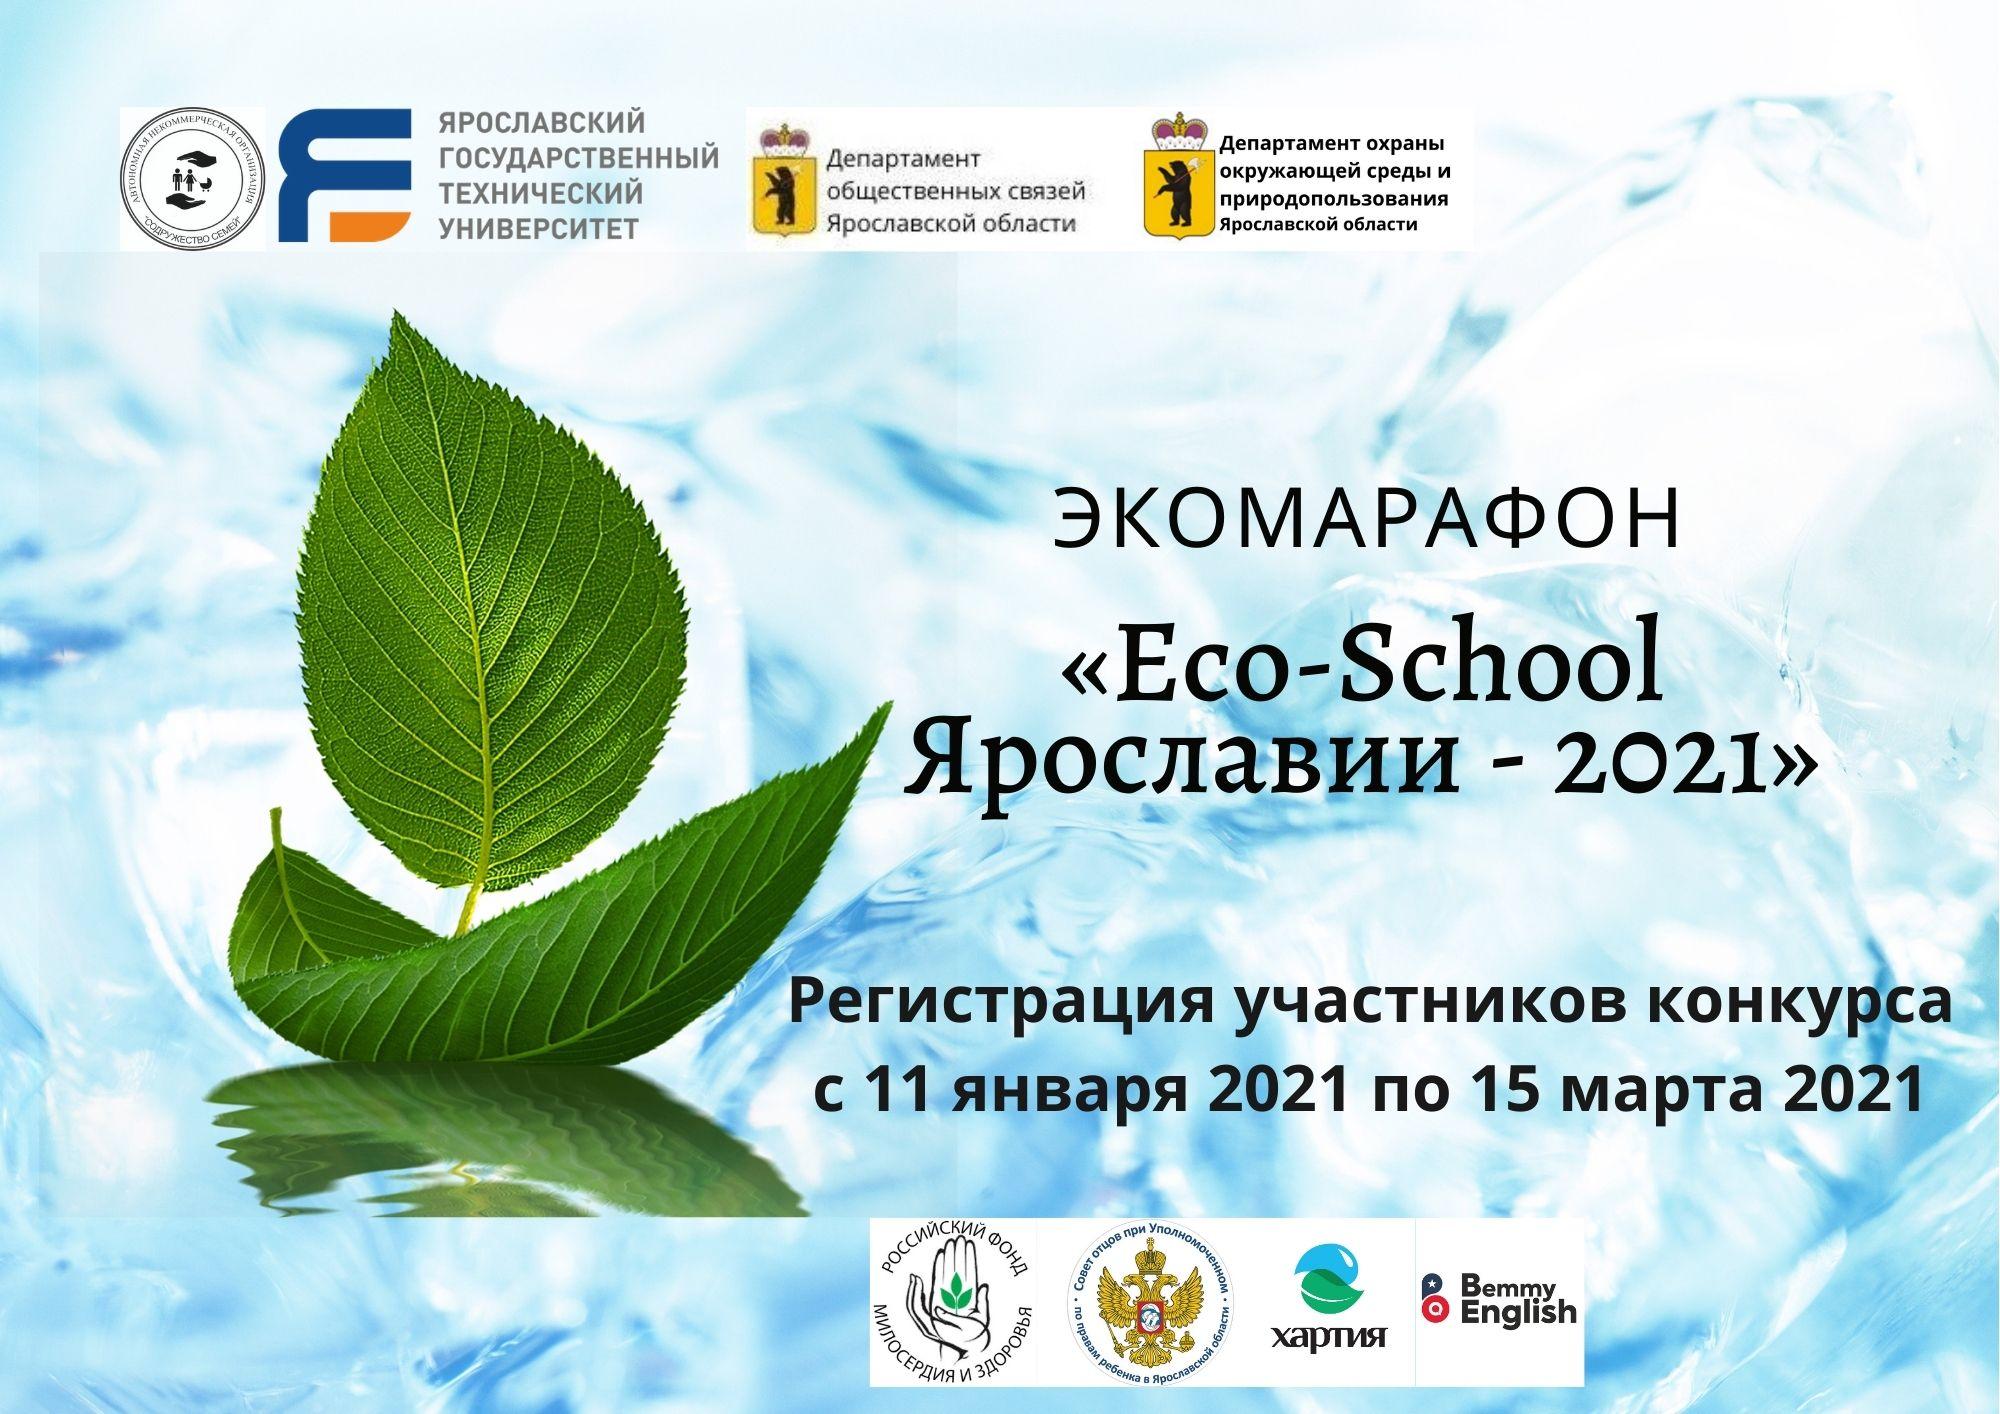 Жителей Ярославской области приглашают принять участие в экомарафоне